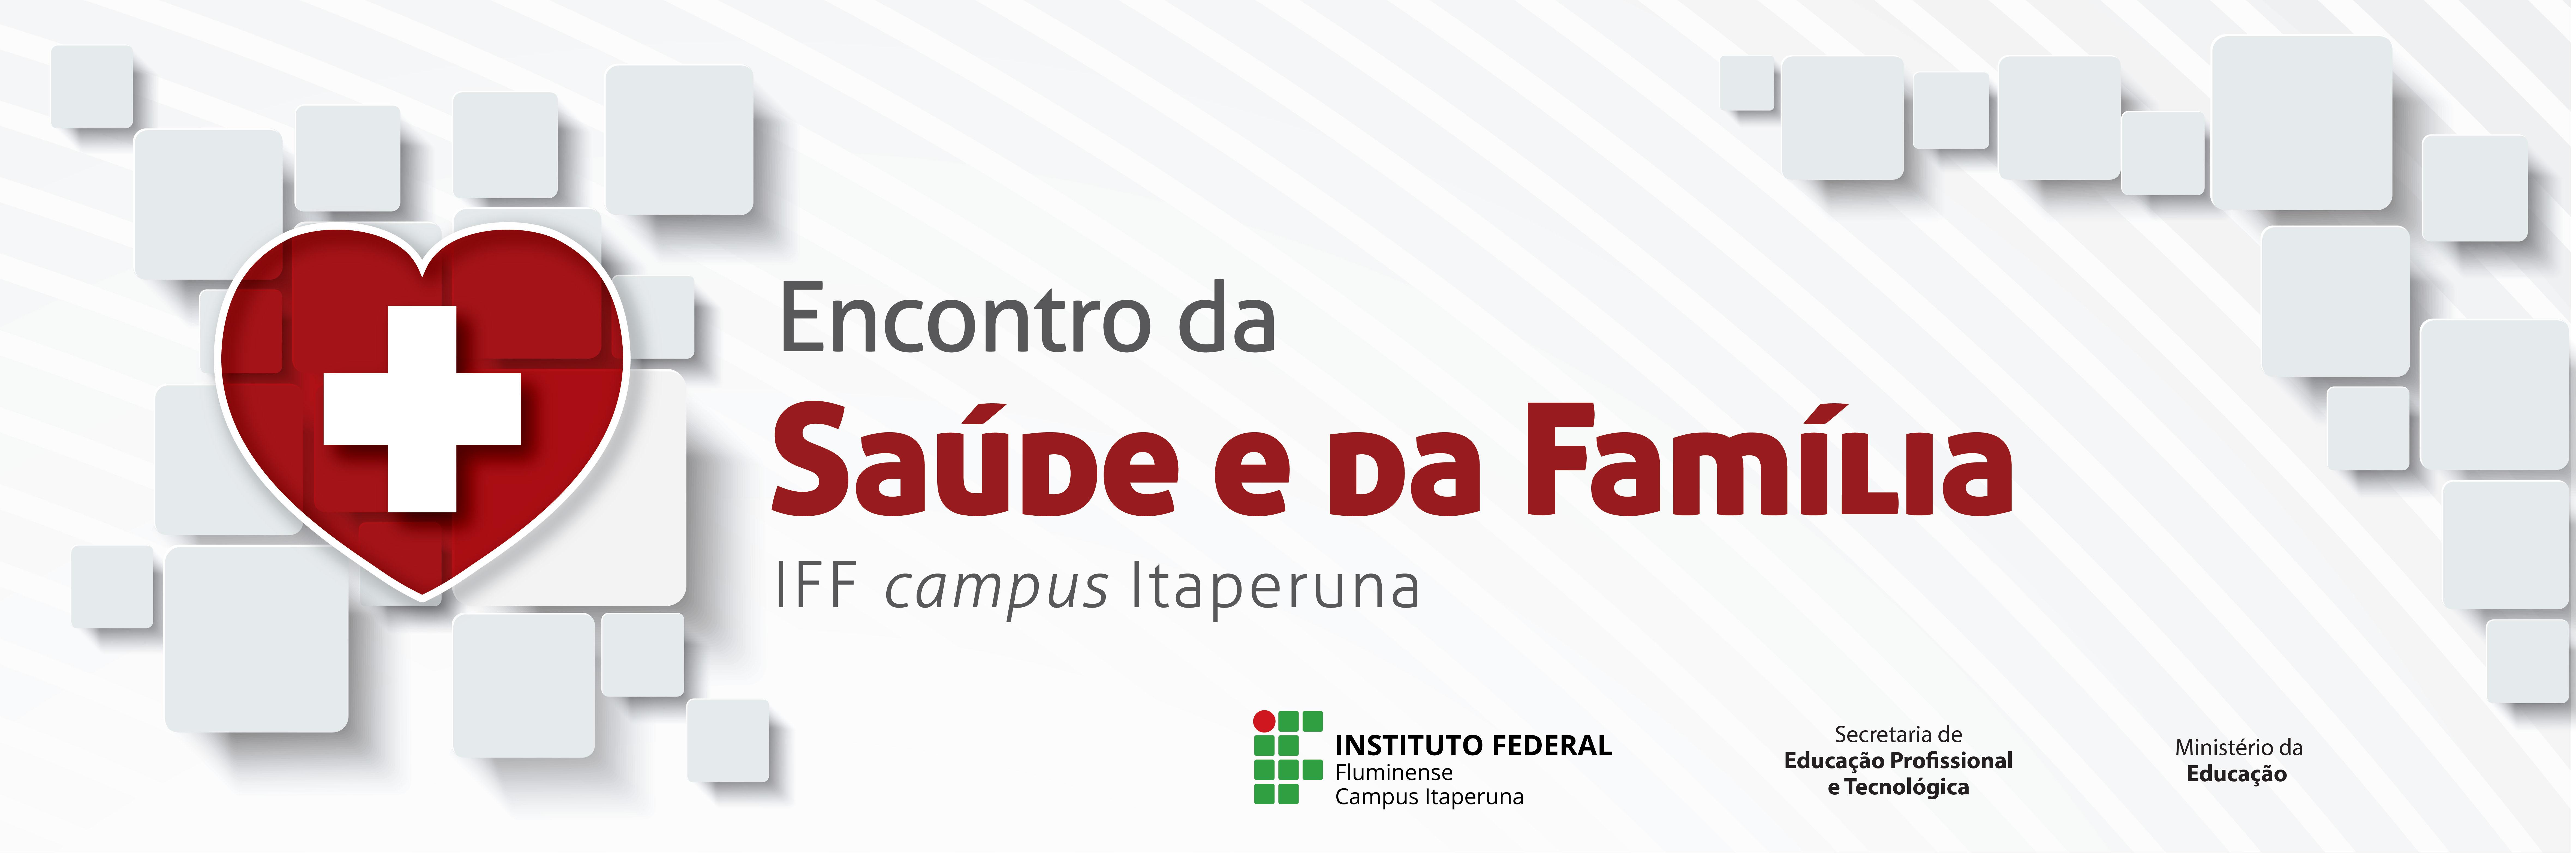 Encontro da Saúde e da Família 2017, no Campus Itaperuna